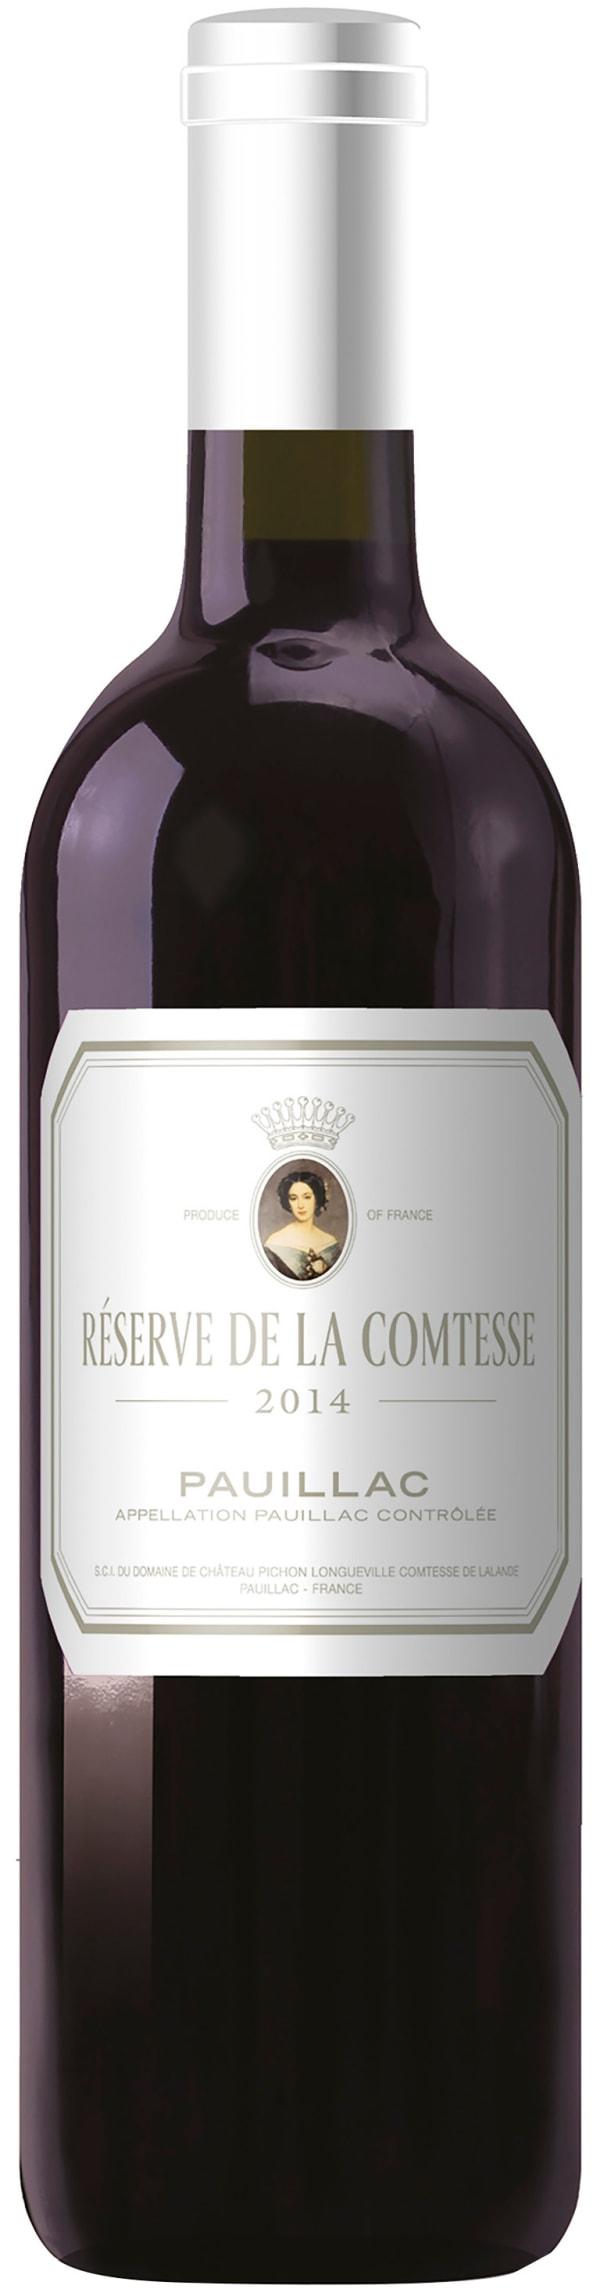 Reserve De La Comtesse 2014